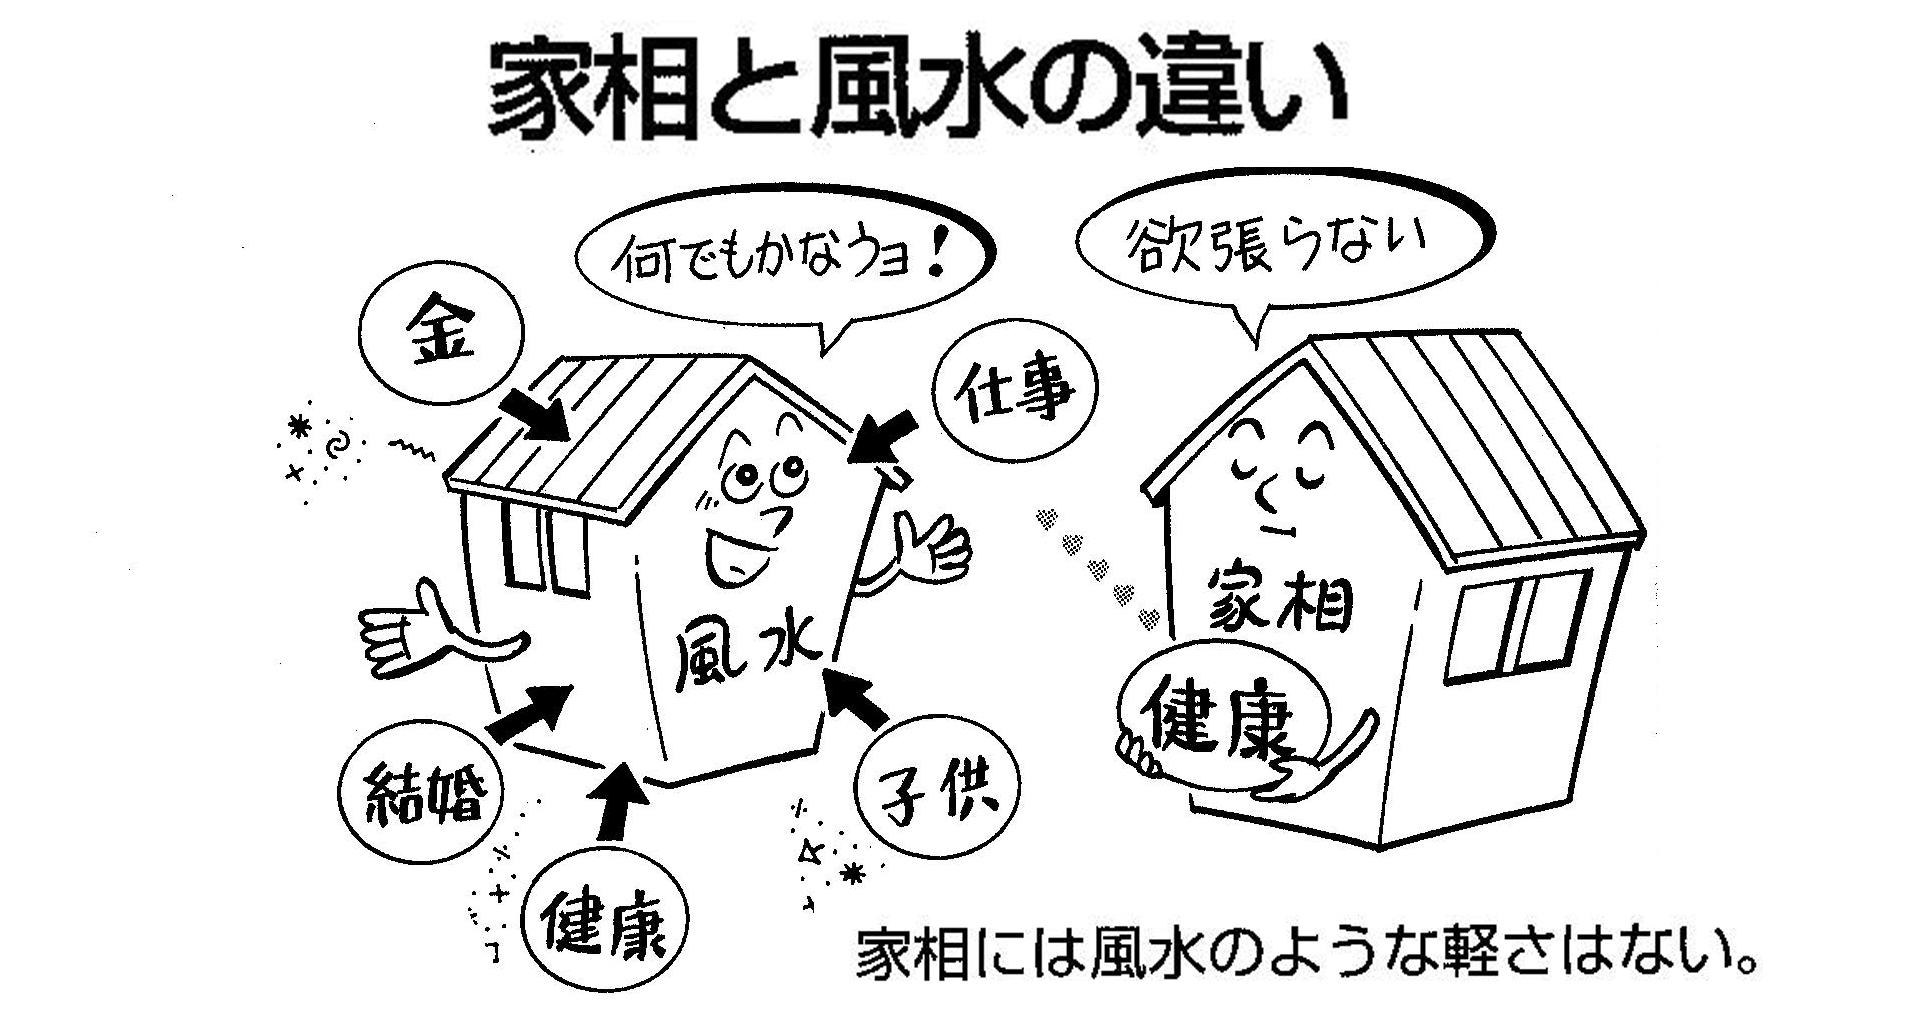 【実践できる家相建築の知恵―15】家相と風水の考え方はどこが違うのか?